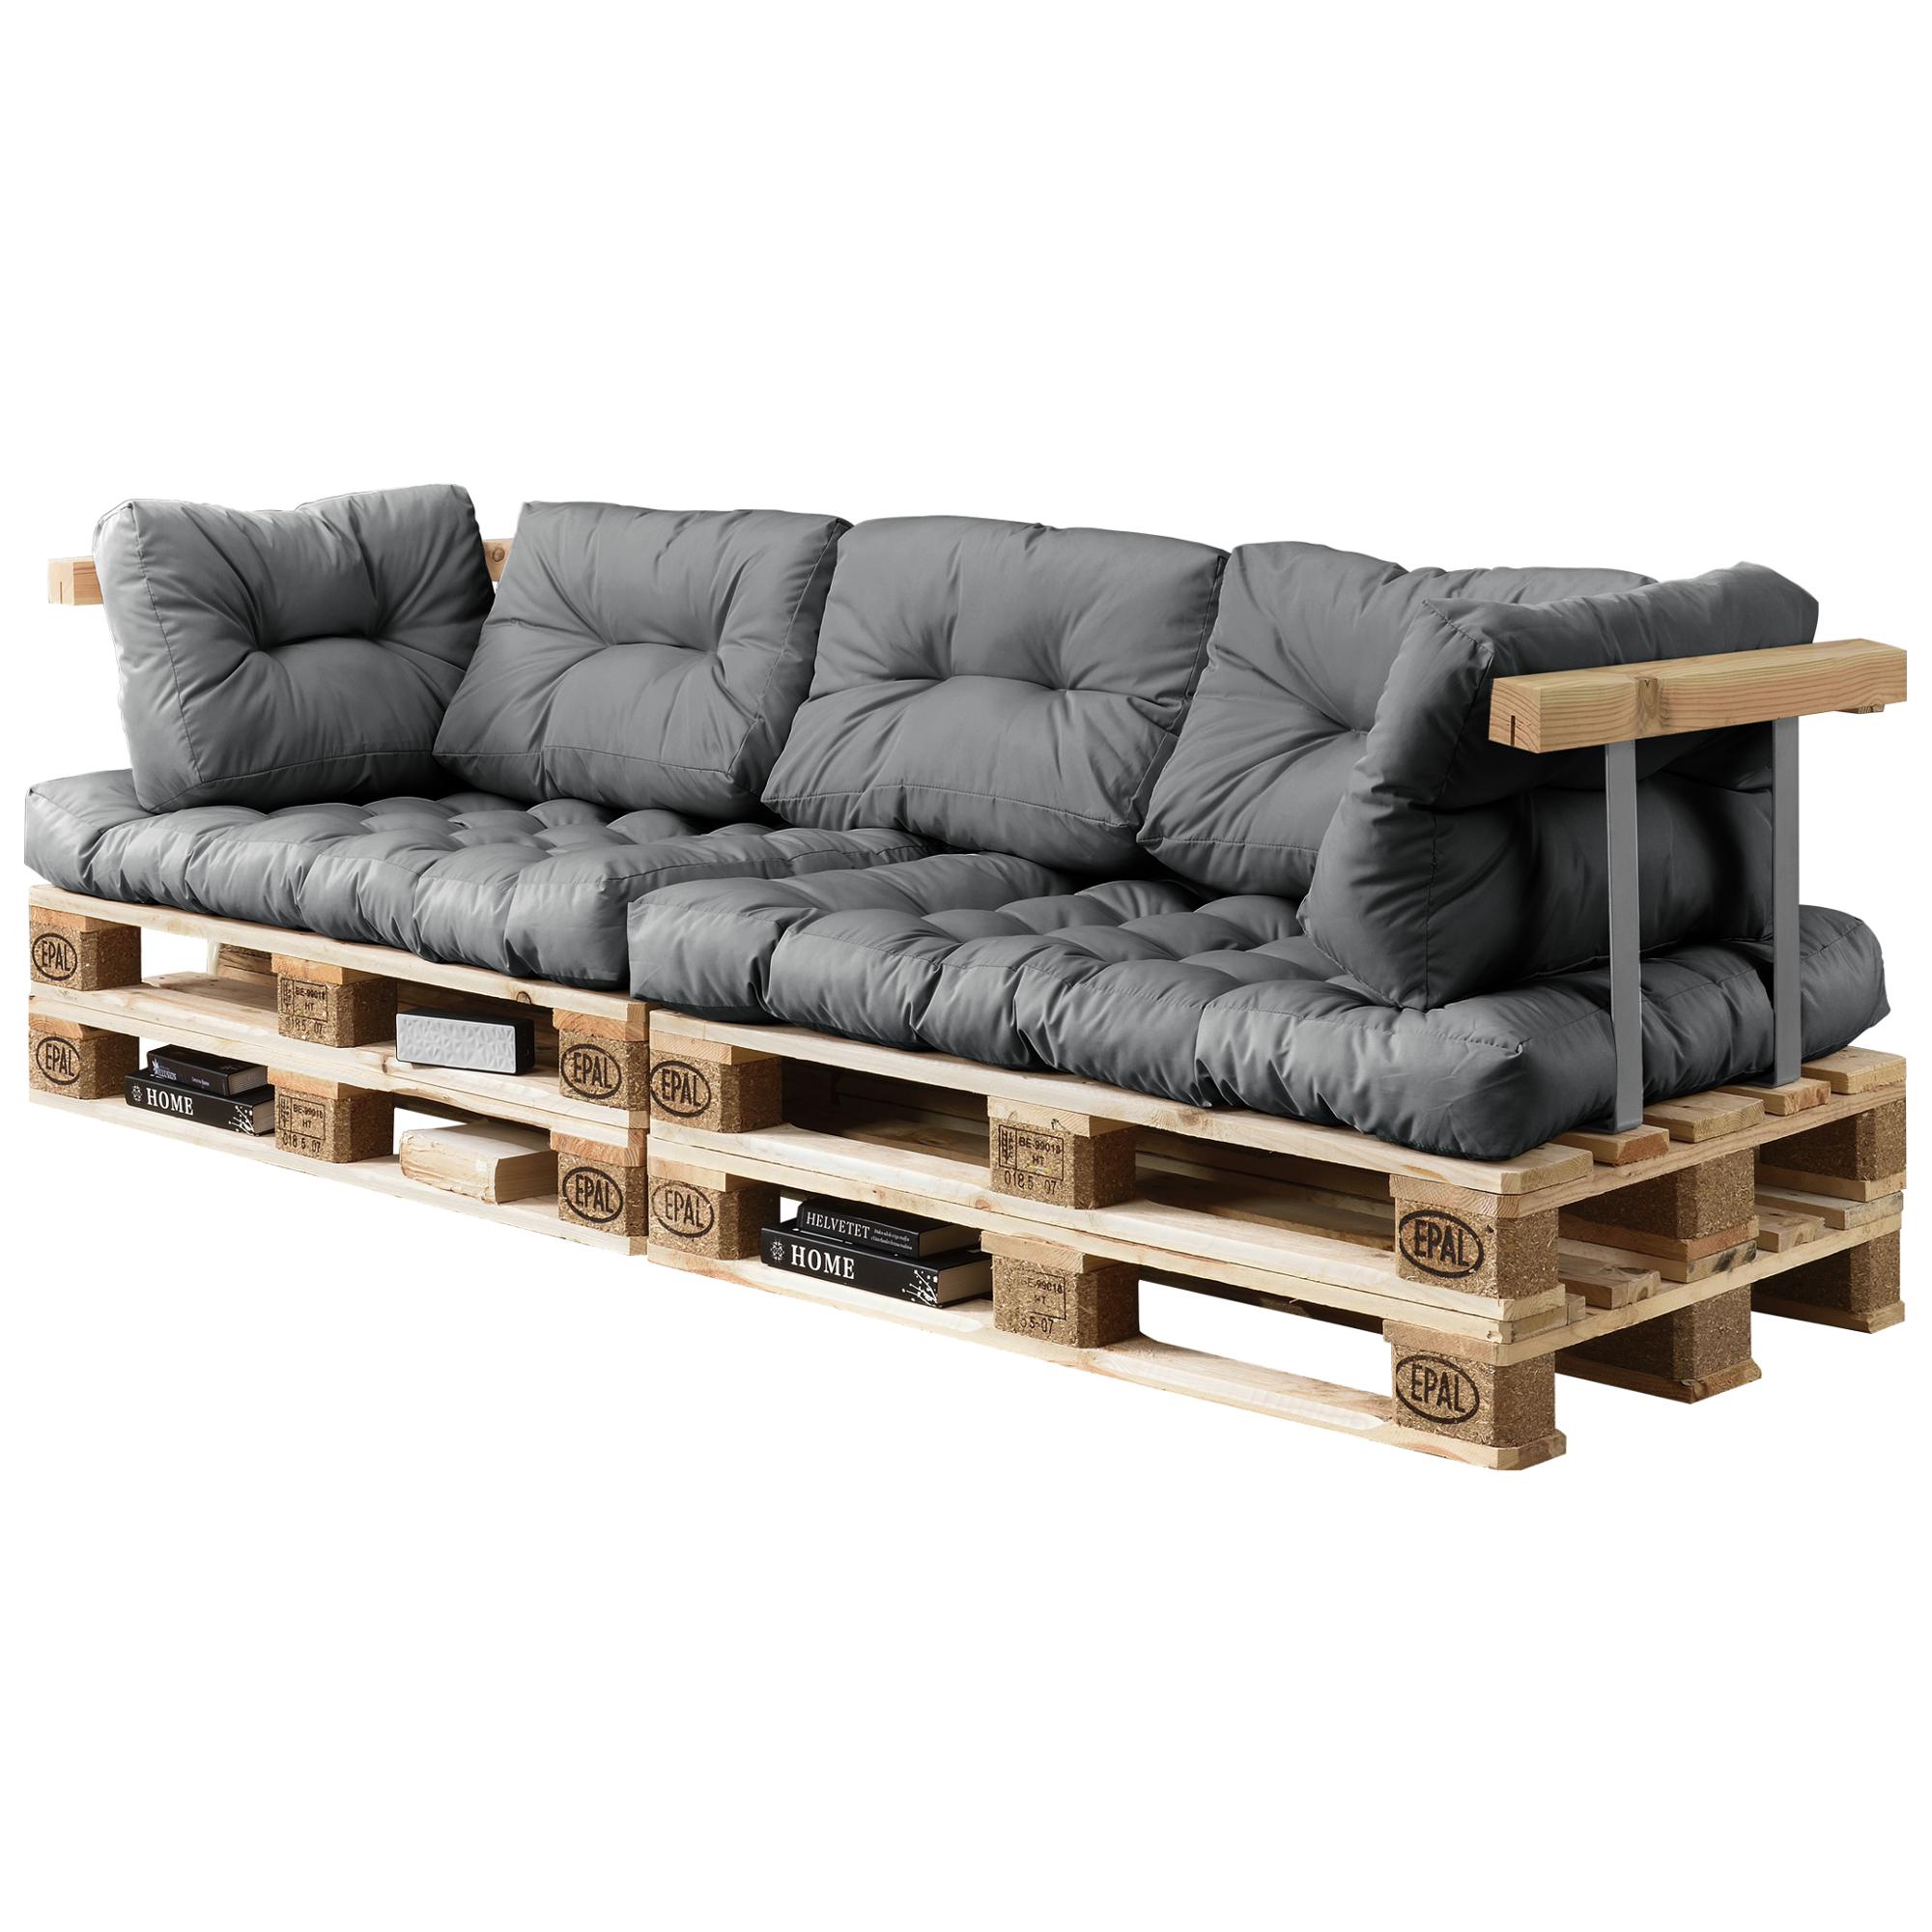 Euro pallet divano 7x sedia cuscino schienale grigio chiaro fondello - Divano pallet schienale ...